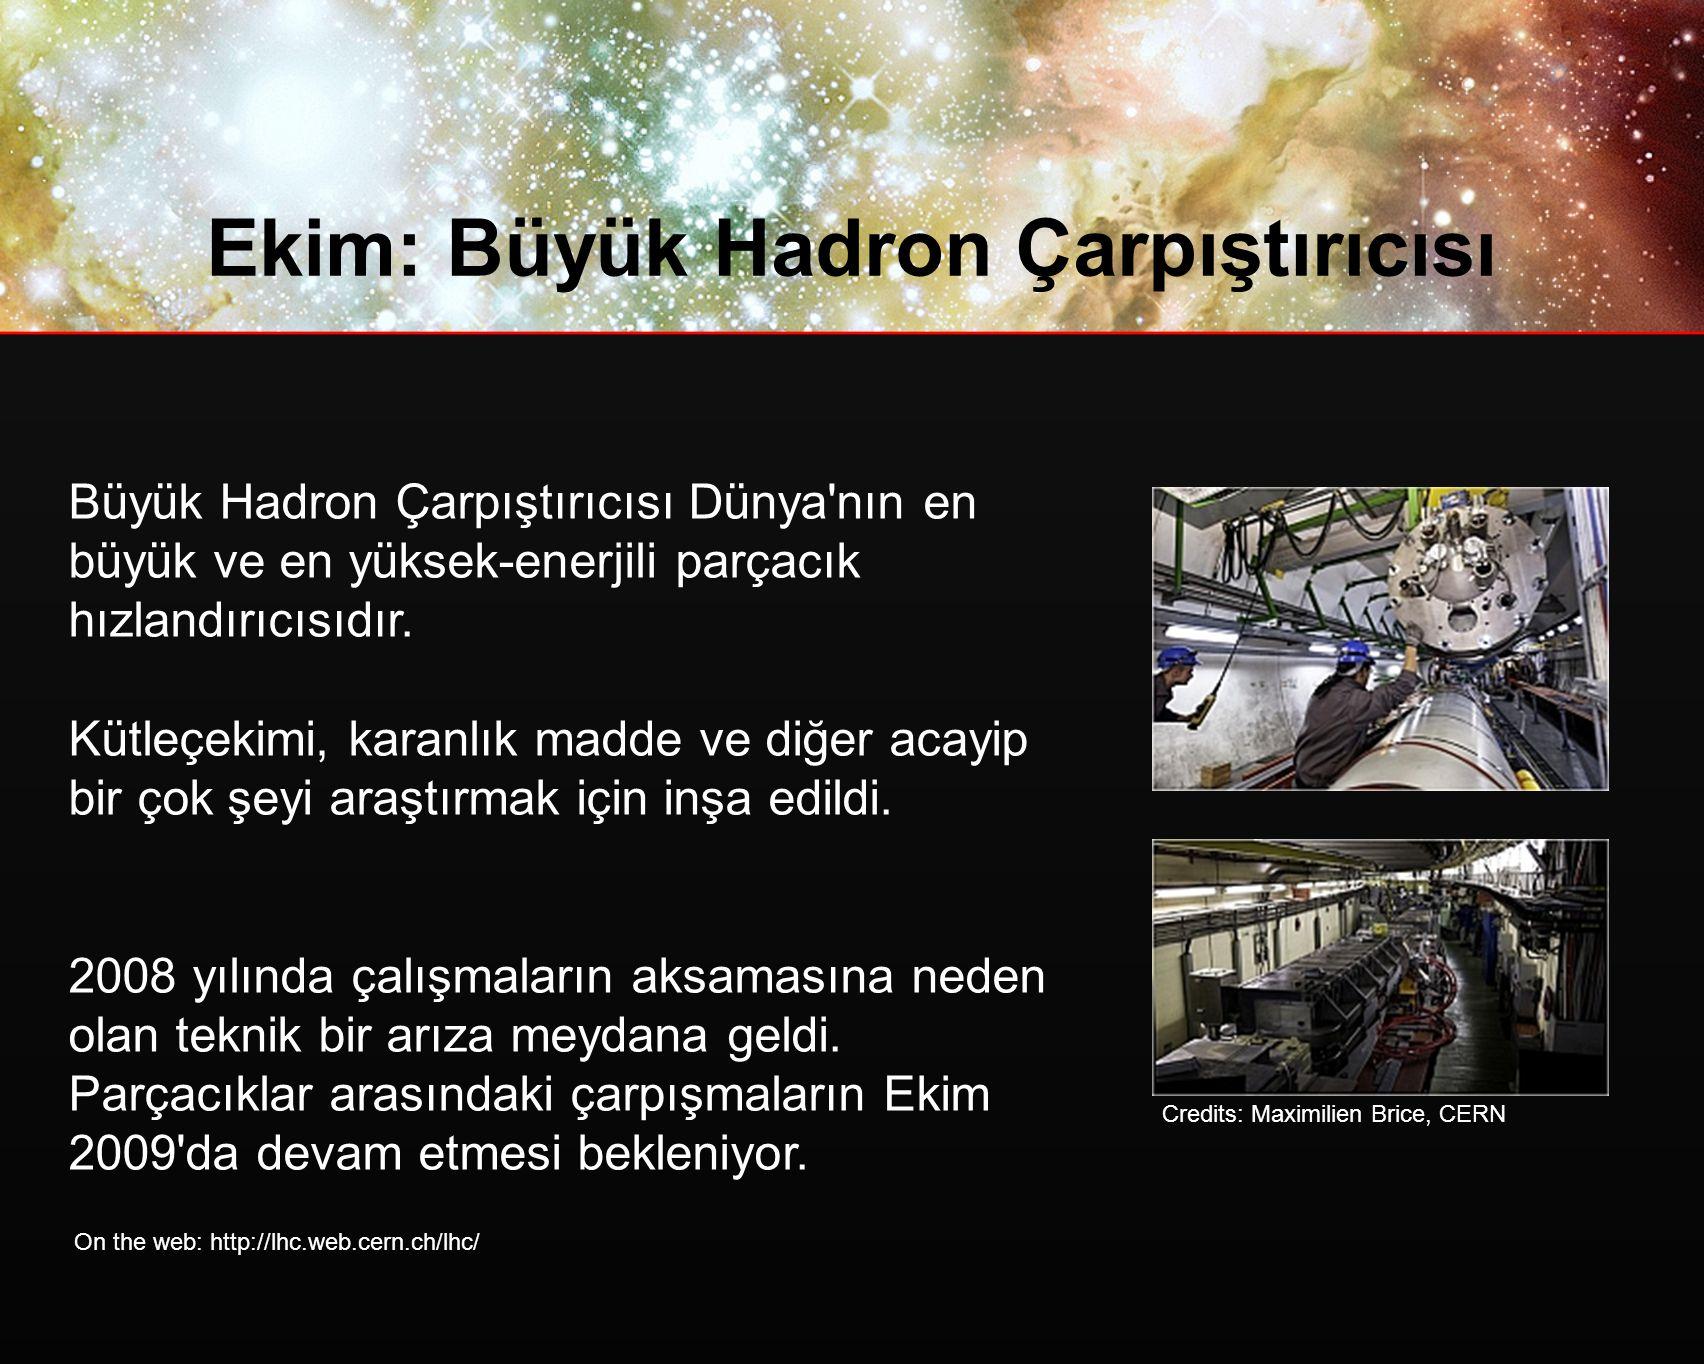 Ekim: Büyük Hadron Çarpıştırıcısı Büyük Hadron Çarpıştırıcısı Dünya nın en büyük ve en yüksek-enerjili parçacık hızlandırıcısıdır.